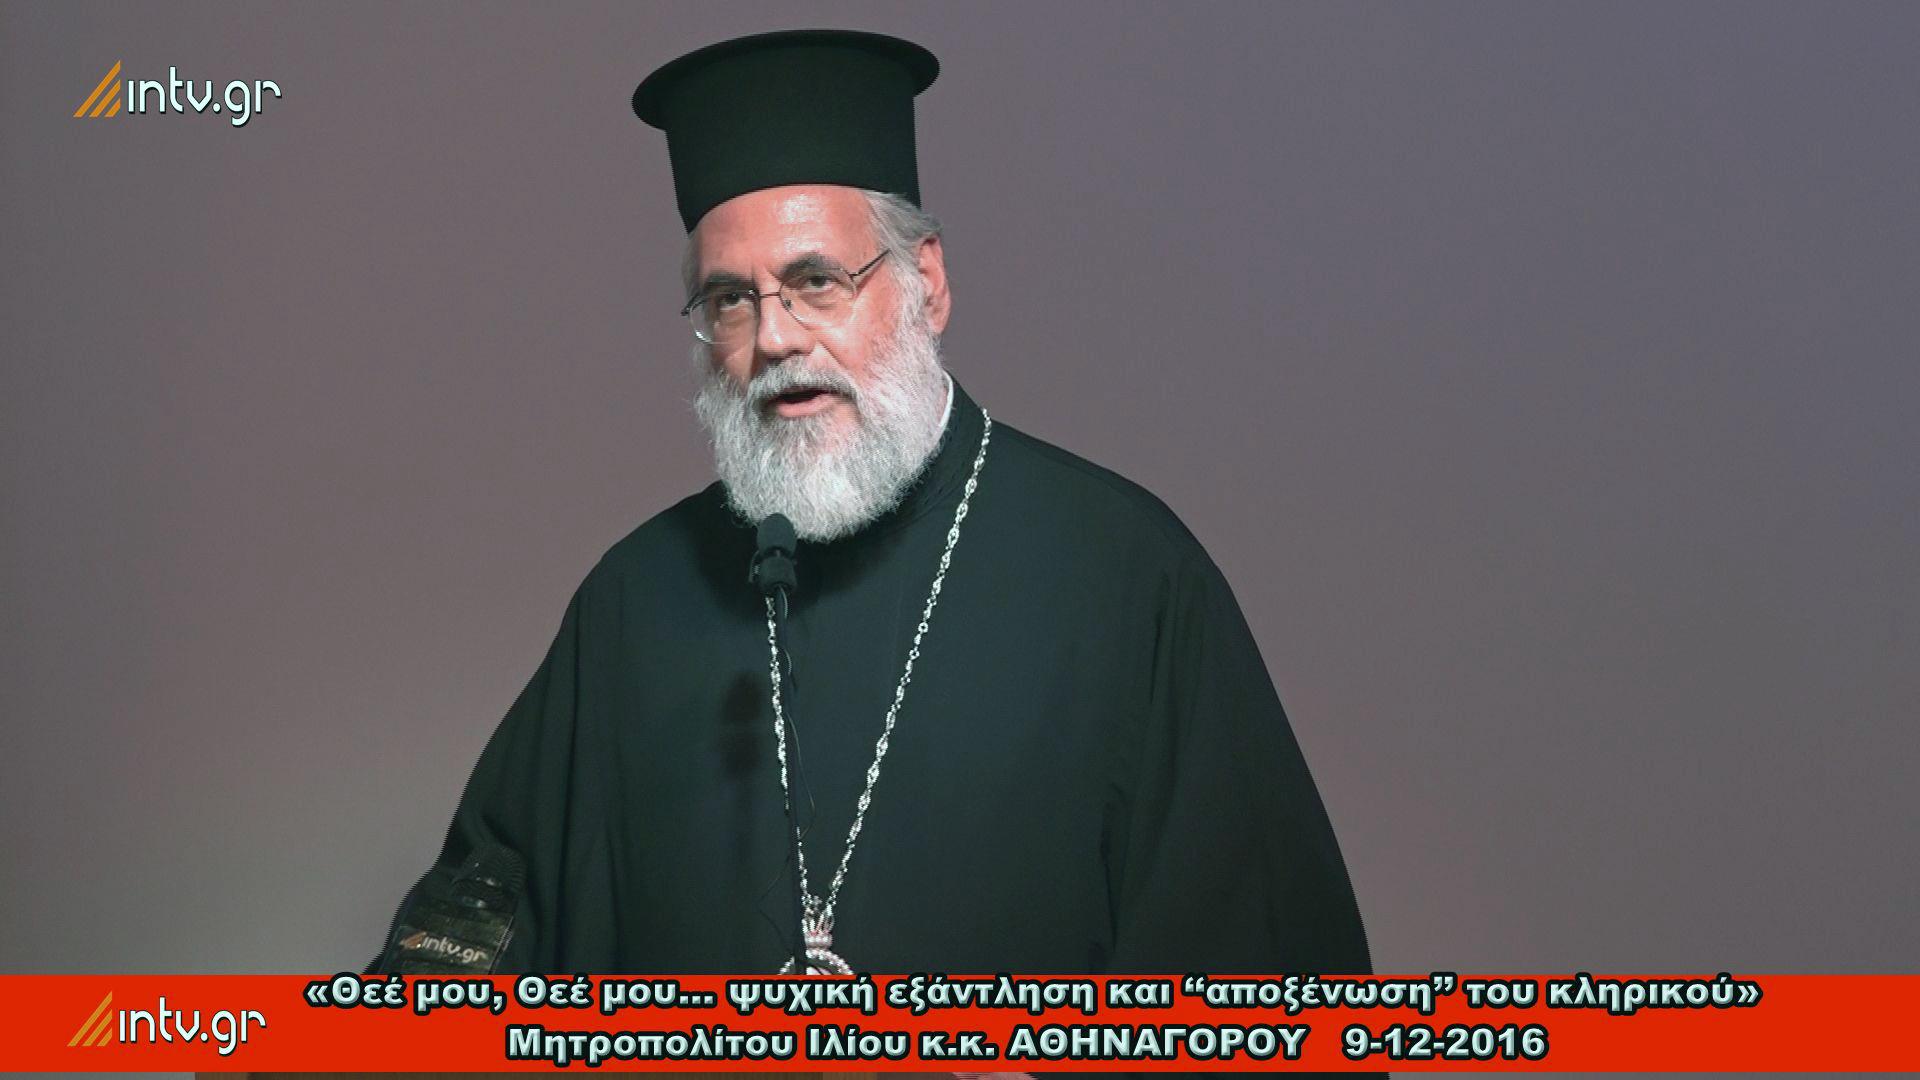 «Θεέ μου, Θεέ μου… ψυχική εξάντληση και ''αποξένωση'' του κληρικού» - Μητροπολίτου Ιλίου κ.κ. ΑΘΗΝΑΓΟΡΟΥ